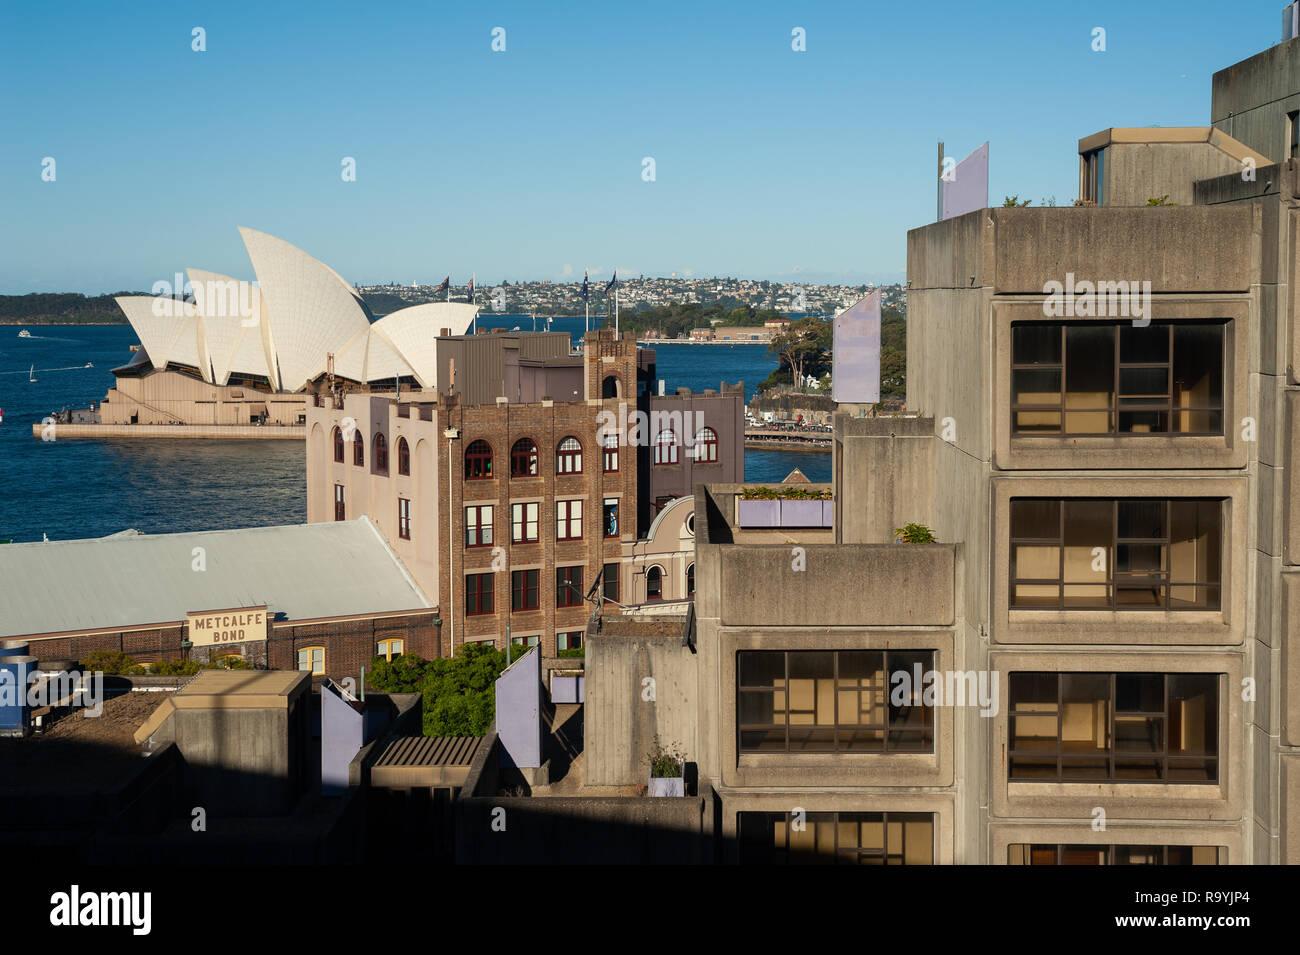 16.09.2018, Sydney, New South Wales, Australien - Ein erhoehter Blick von der Harbour Bridge in Gebaeude im Stadtviertel The Rocks und dem Opernhaus Stockbild